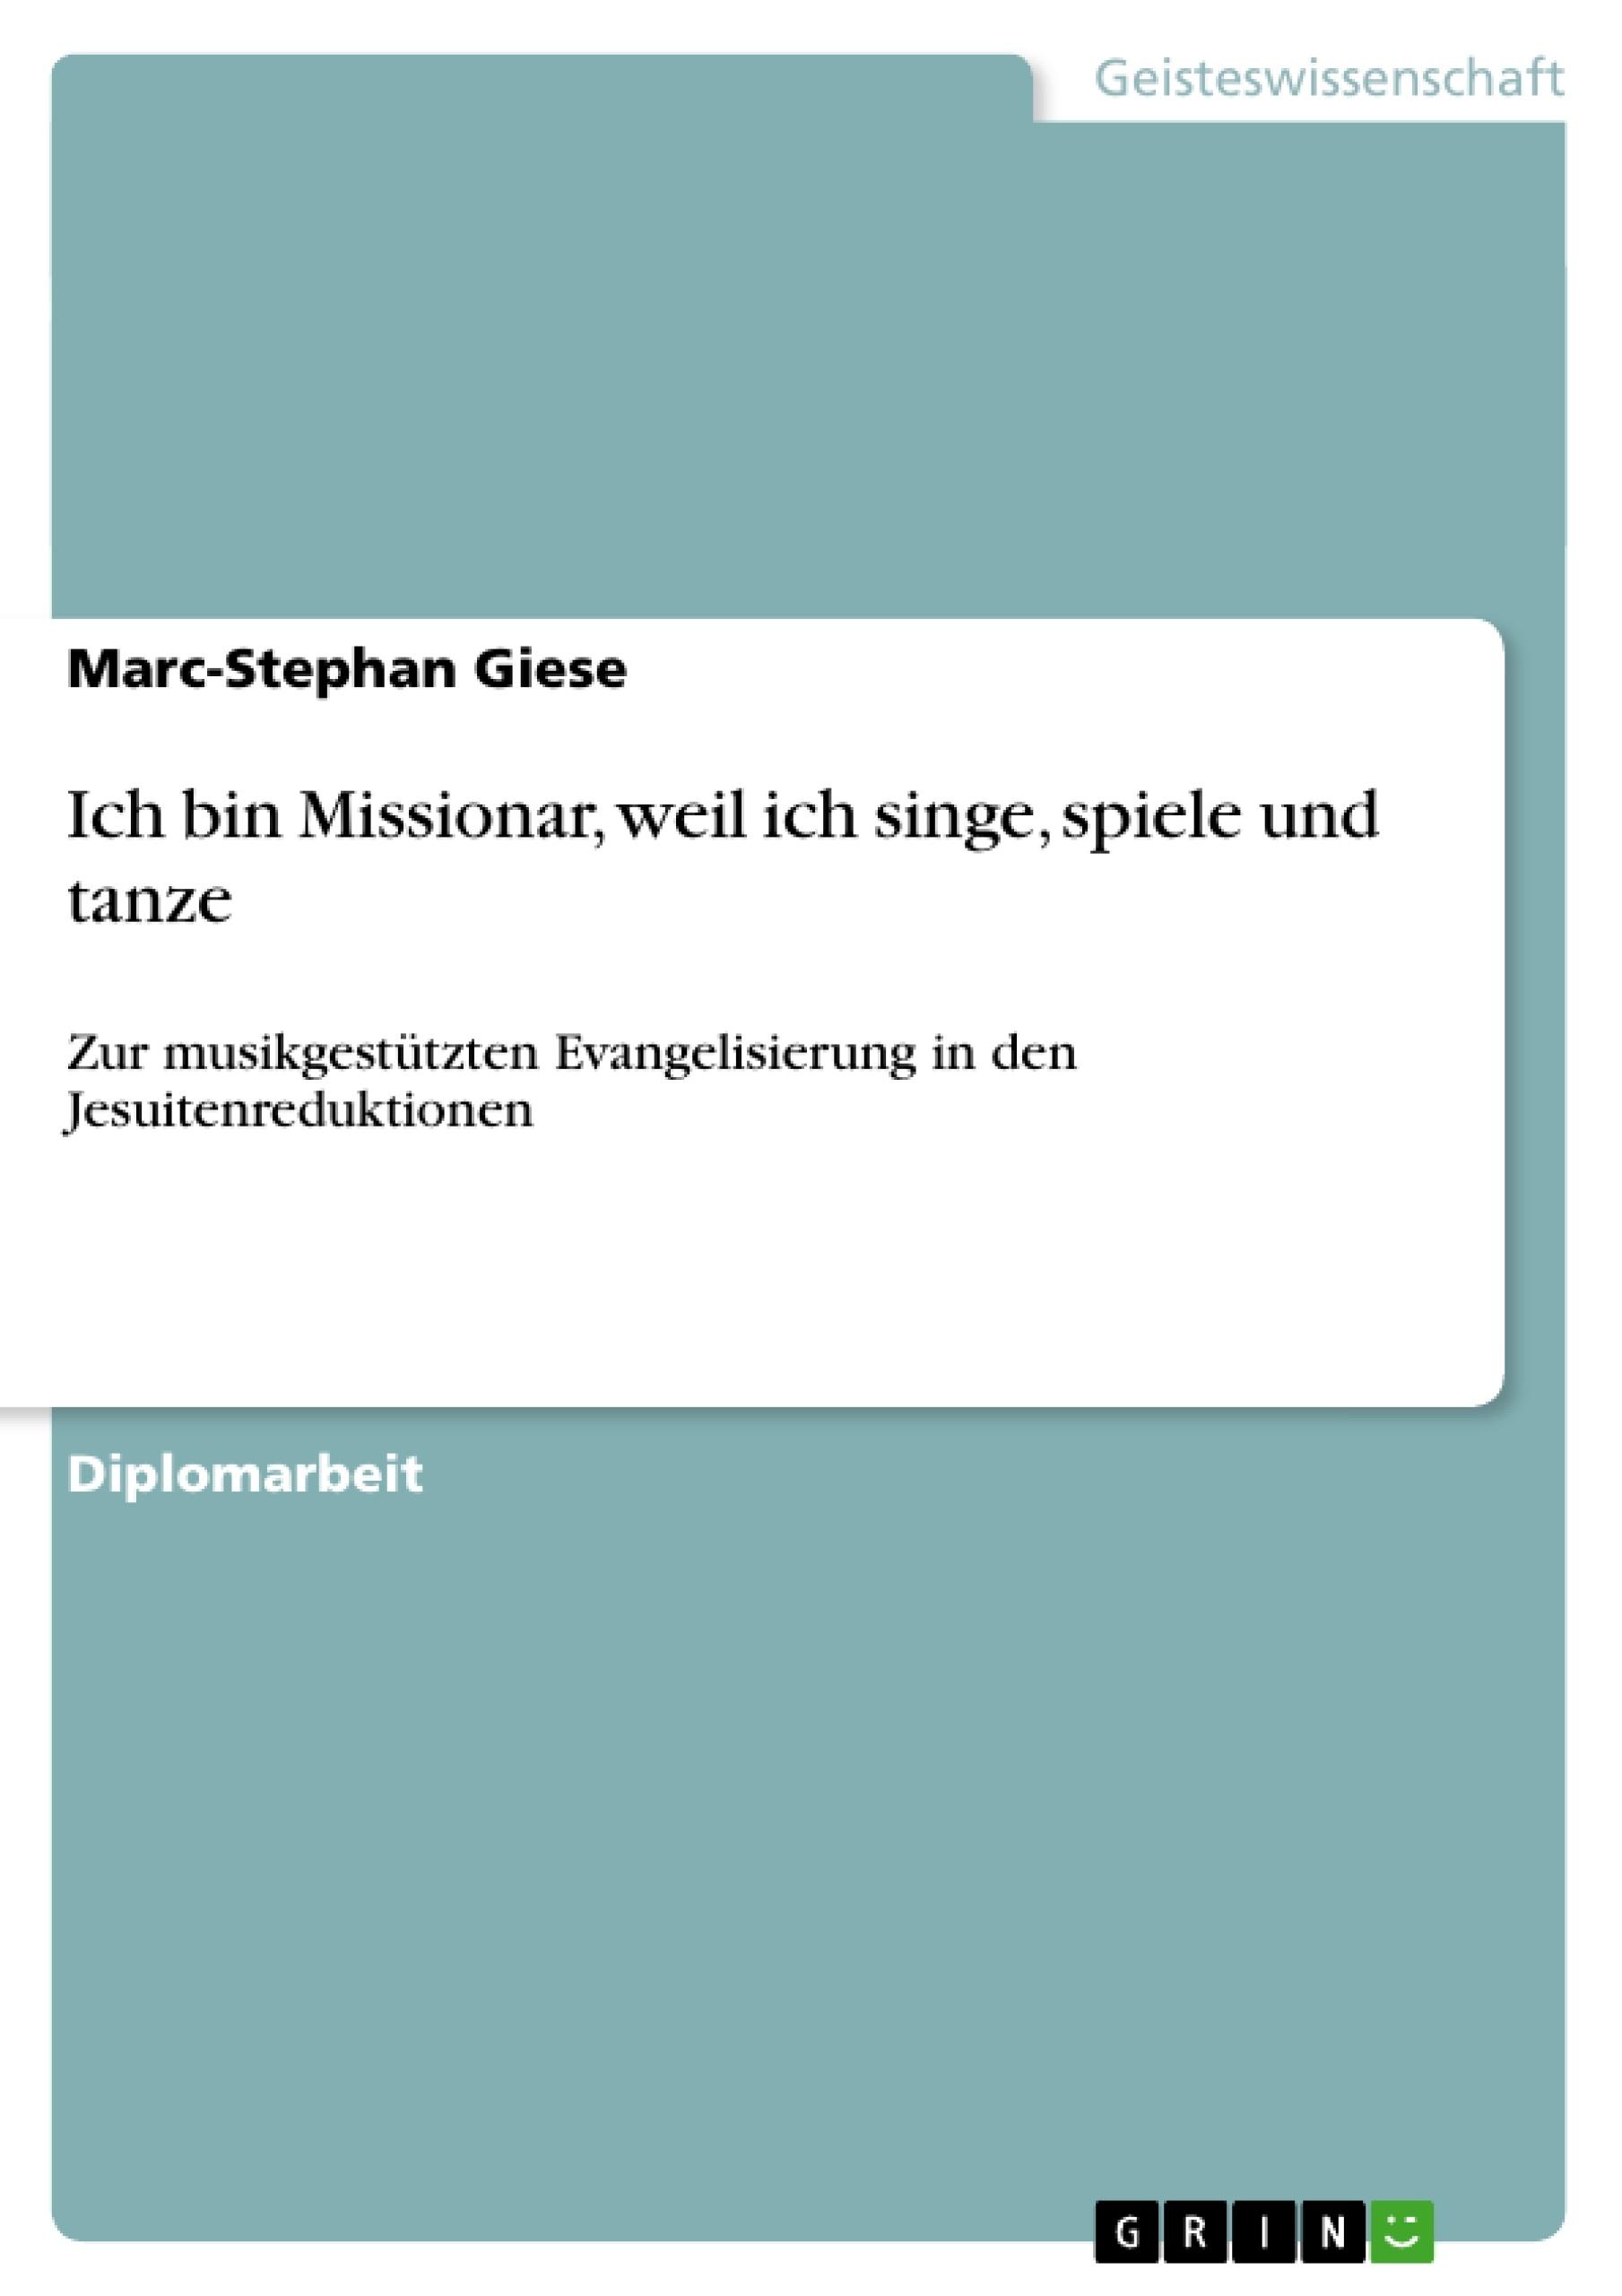 Titel: Ich bin Missionar, weil ich singe, spiele und tanze